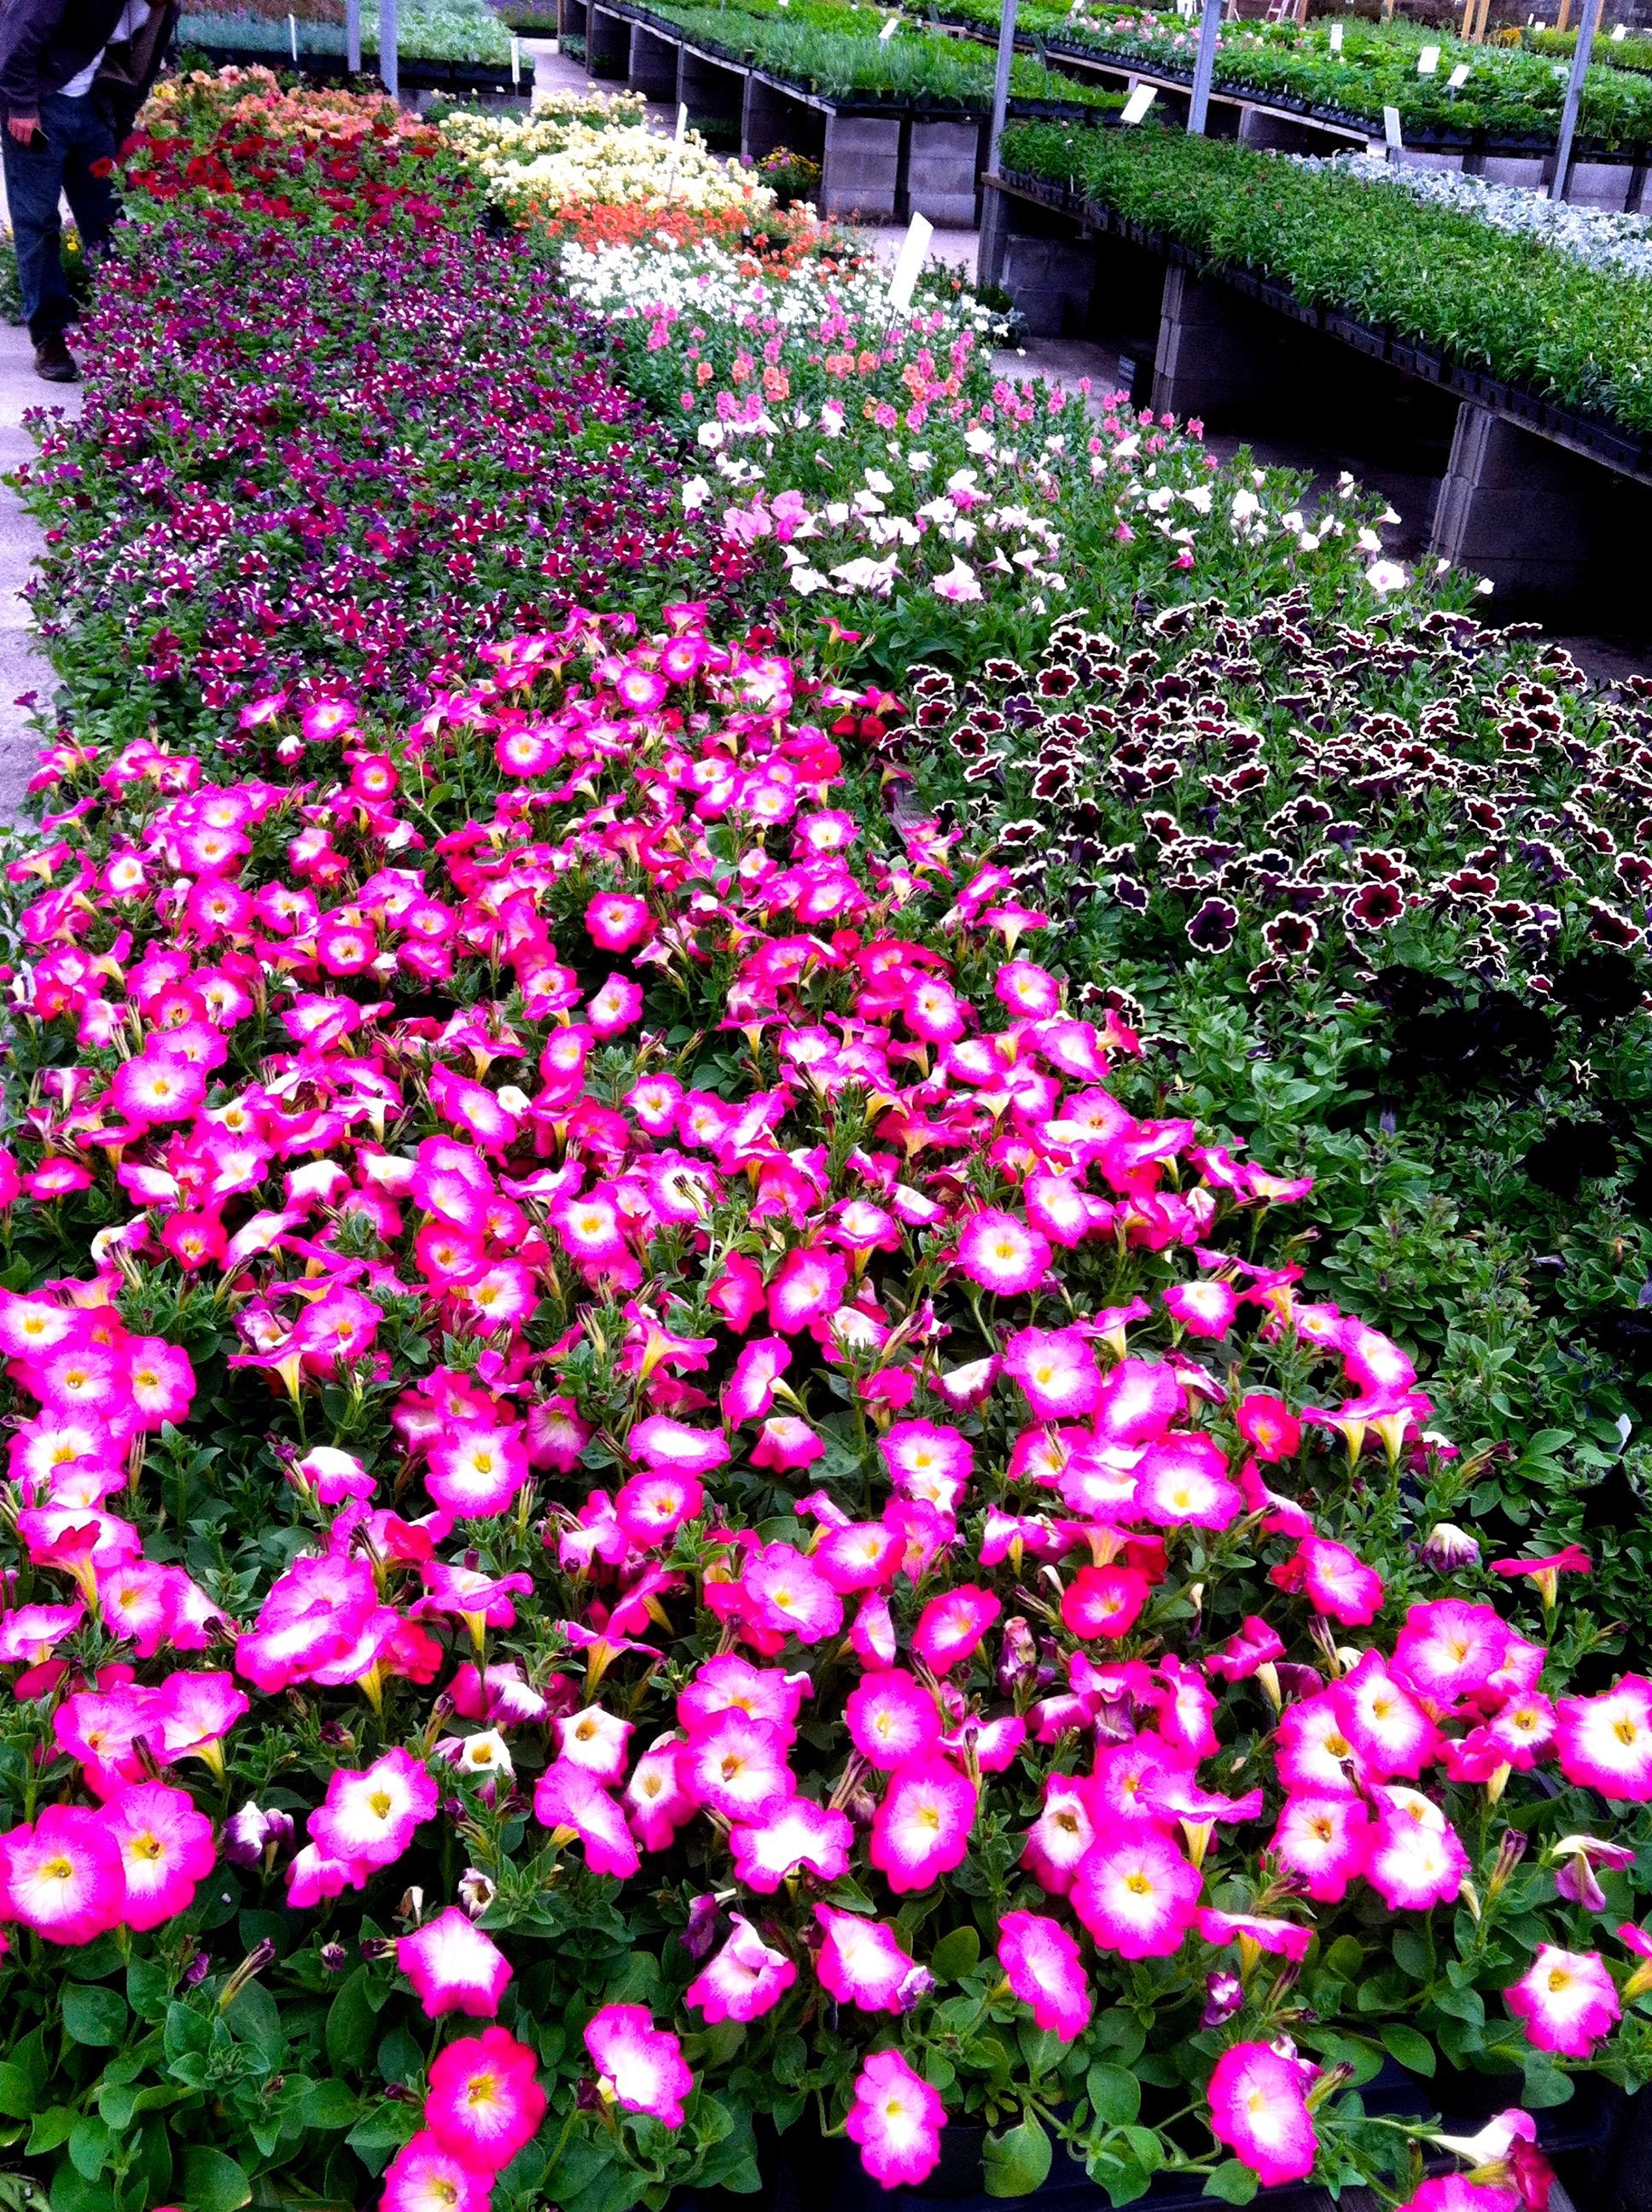 Specialty petunias